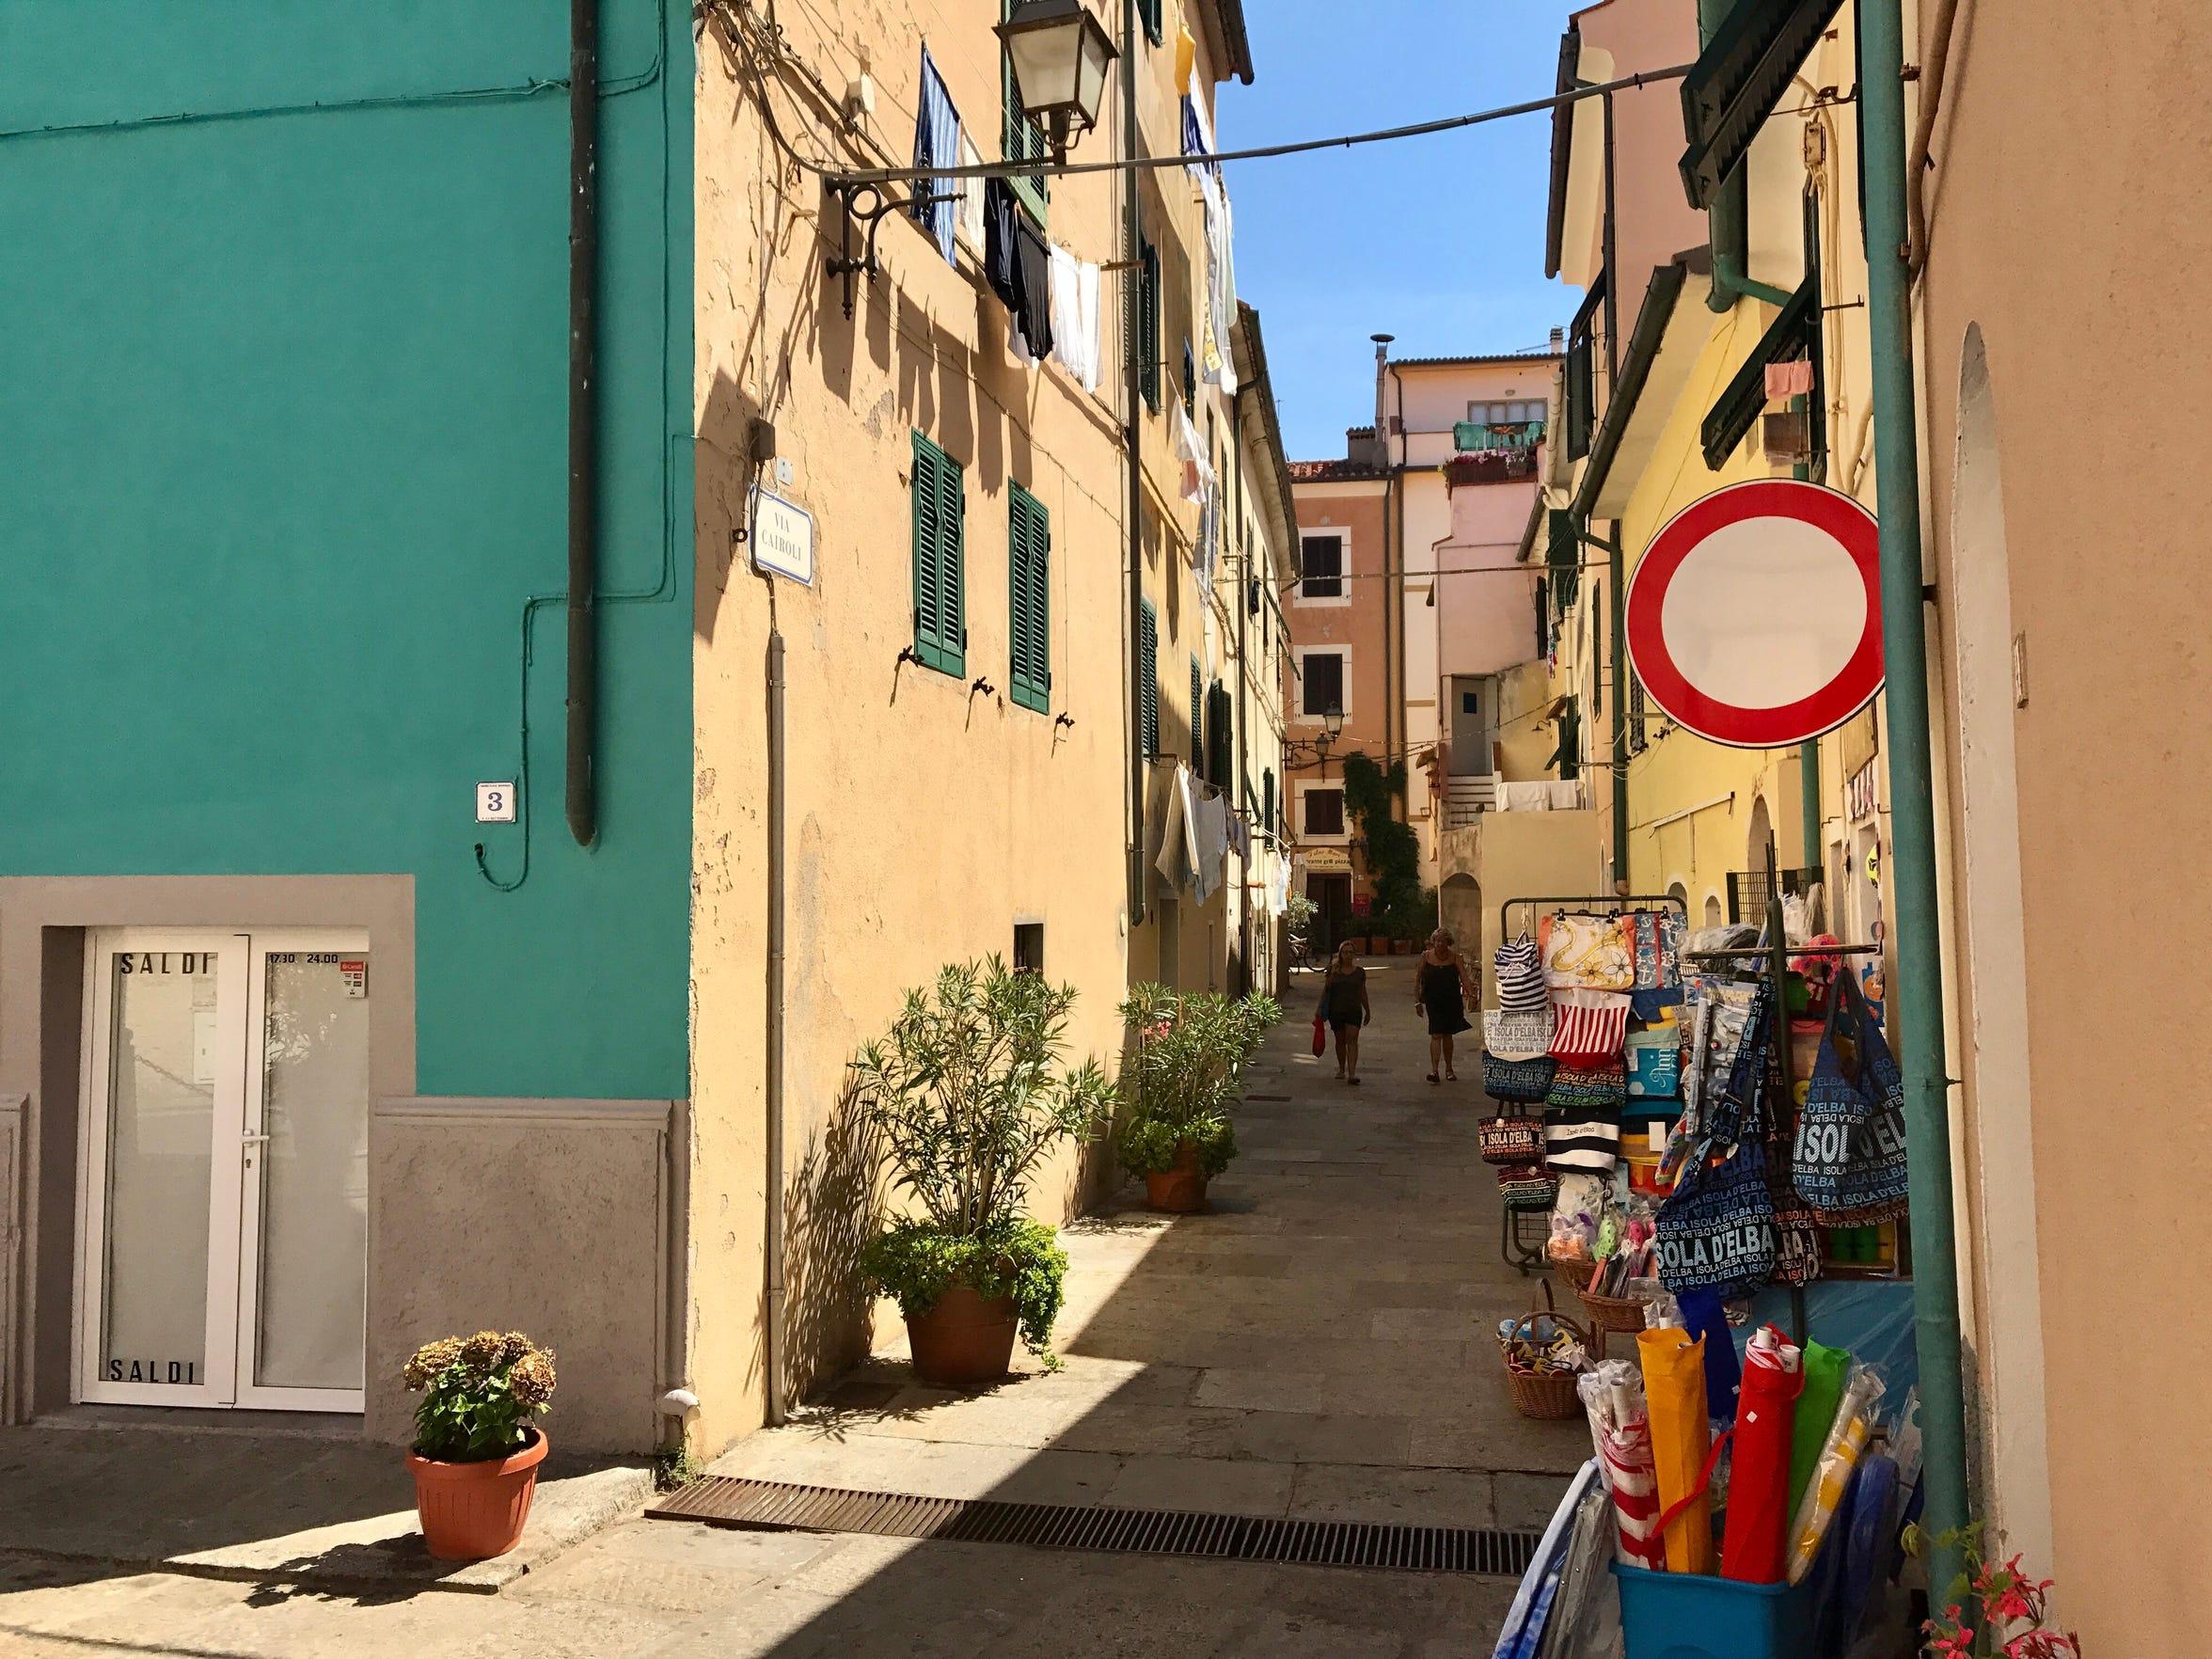 Rick Marino drive us through Italy.